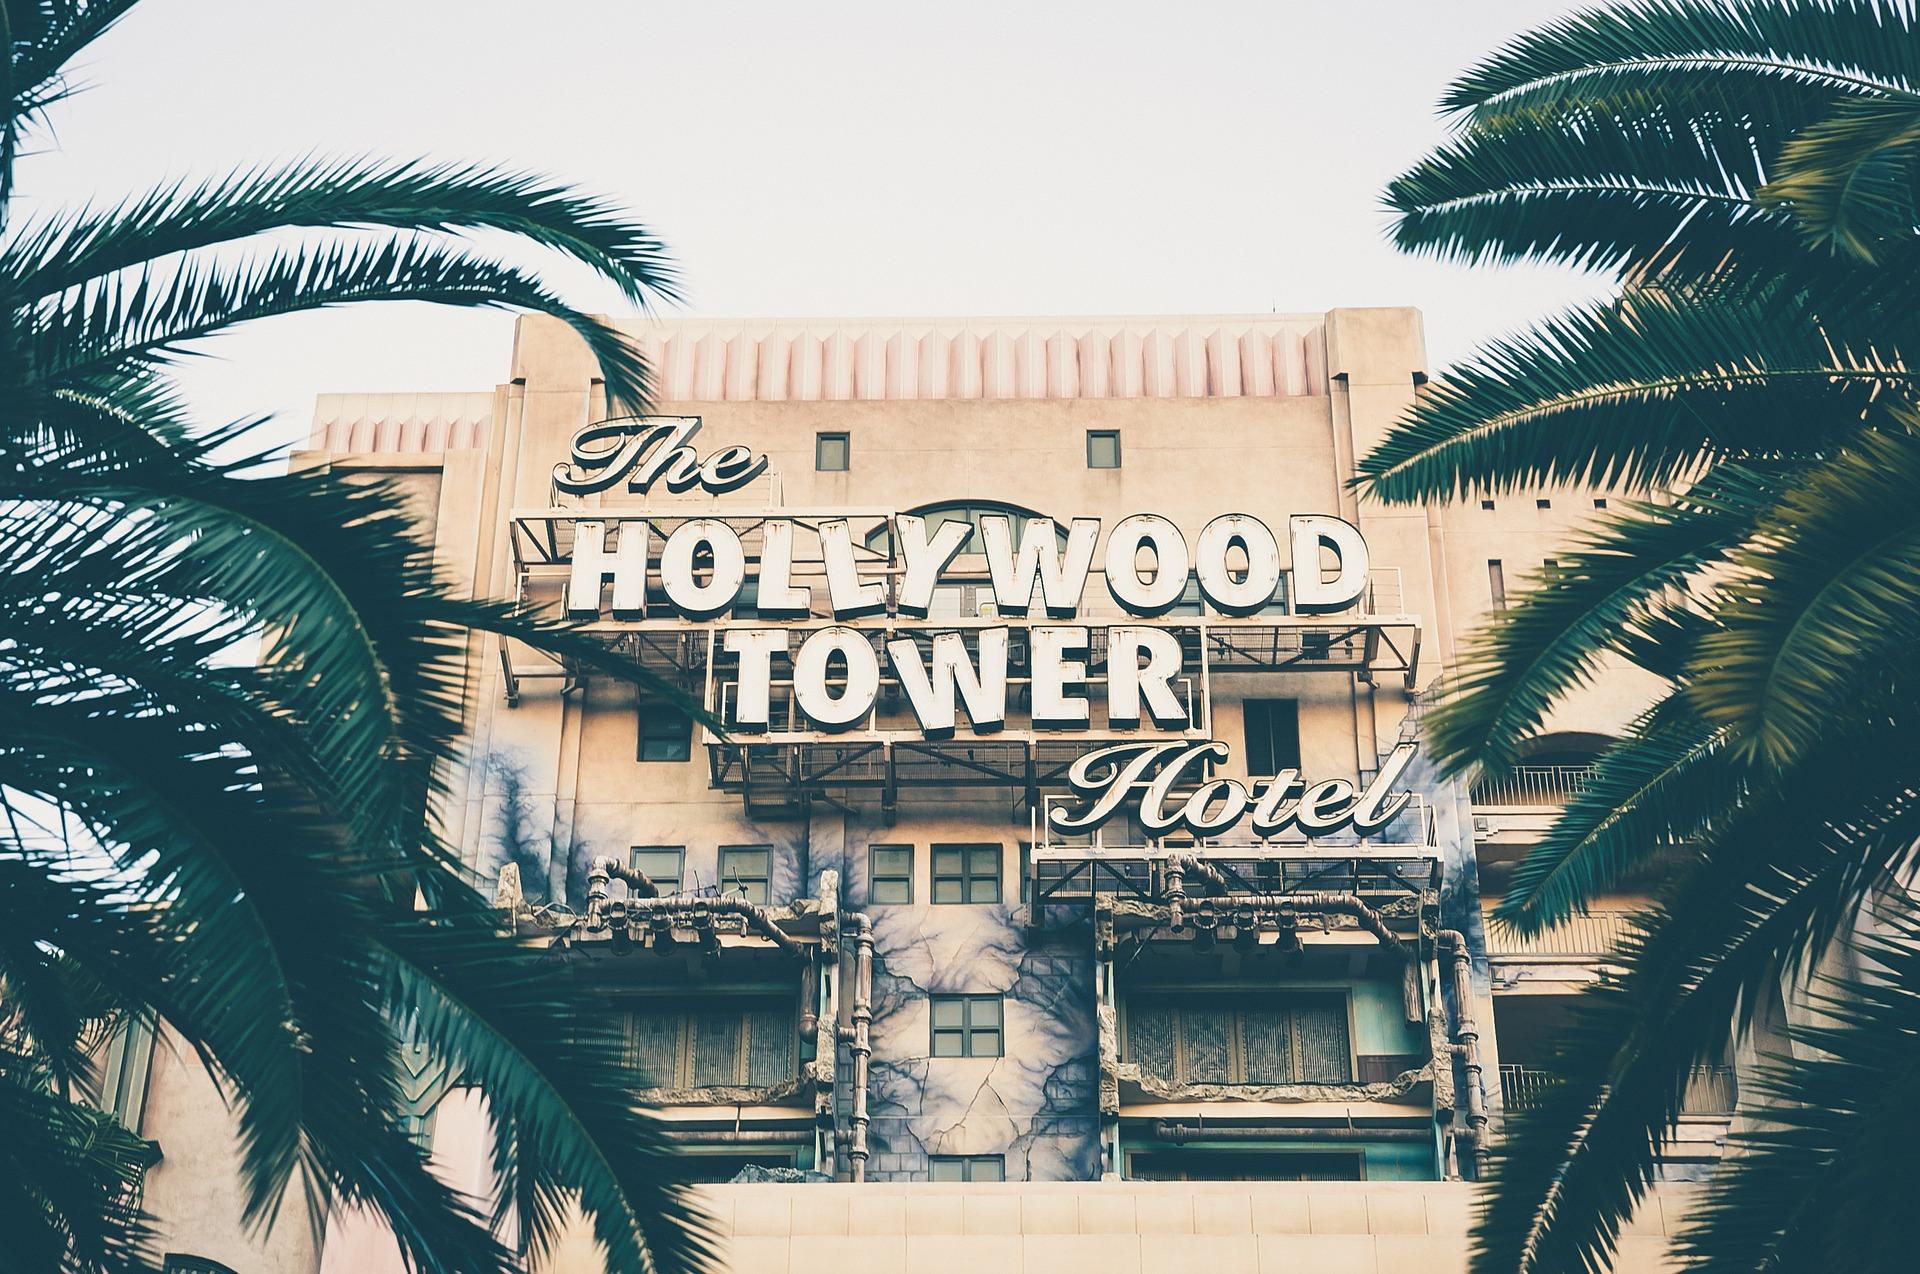 Die Stage wird direkt am Hollywood Tower aufgebaut